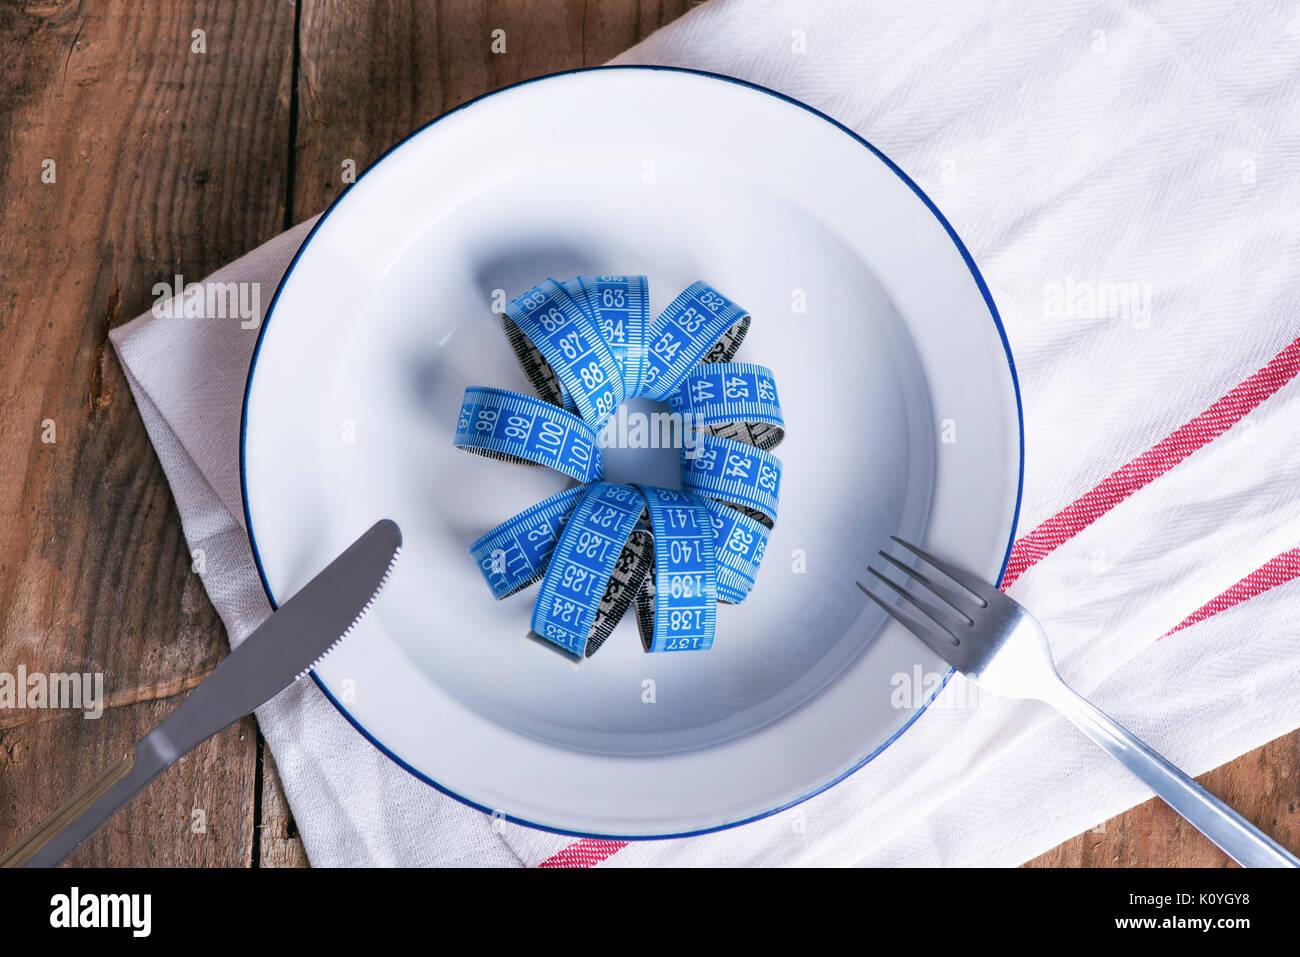 Concetto dieta e perdita di peso. Piastra vuota con nastro di misurazione al centro della piastra Immagini Stock